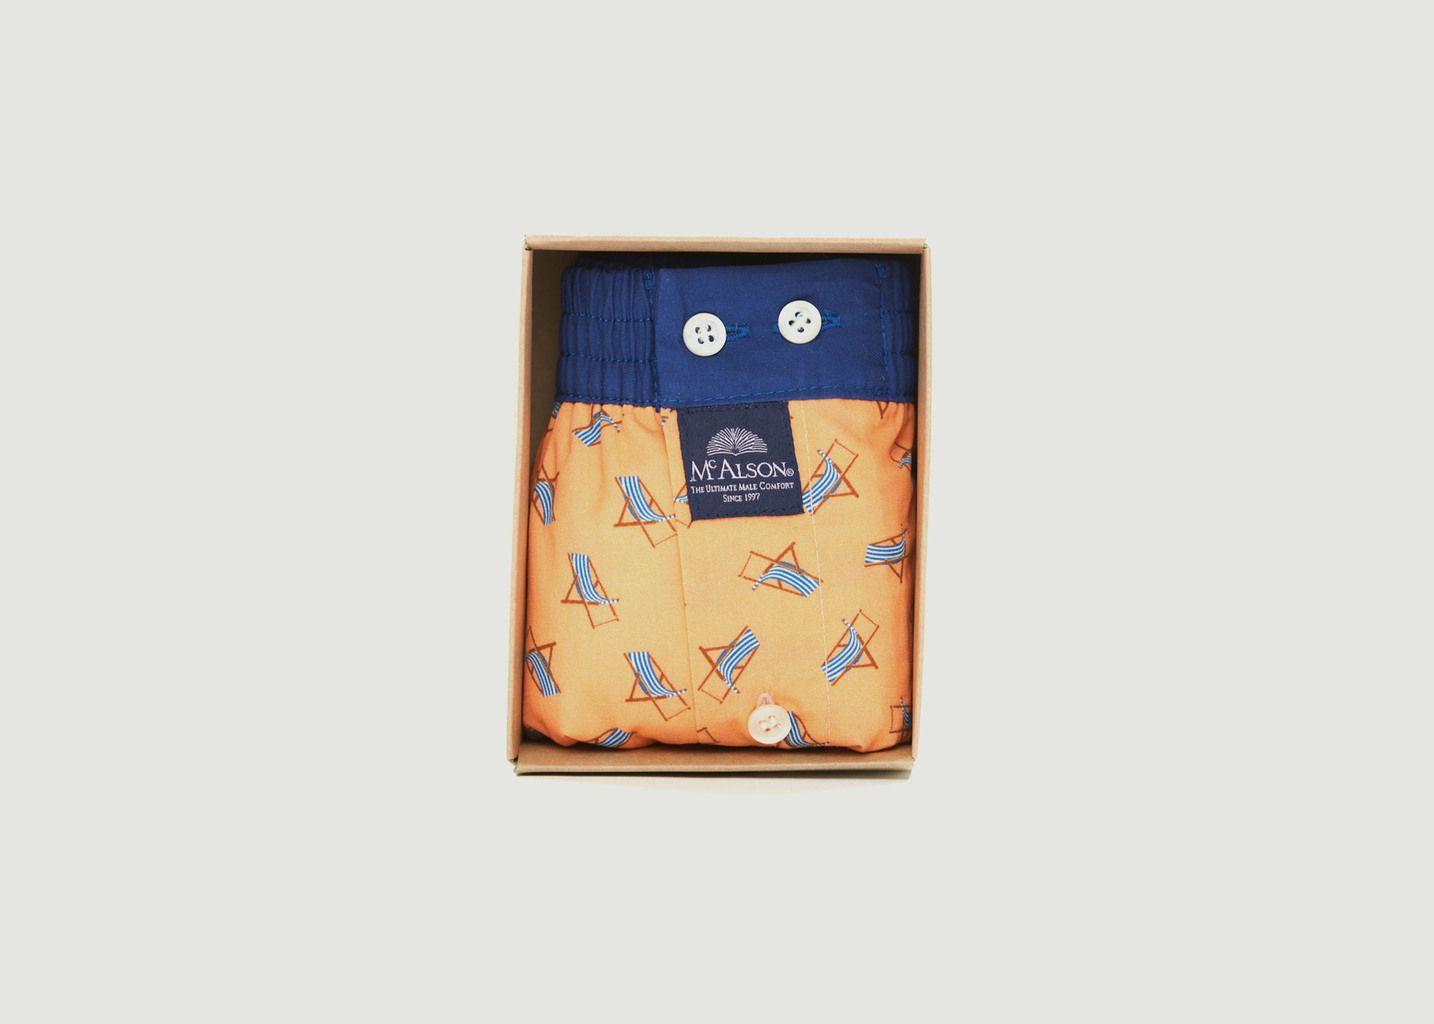 Caleçon en coton imprimé transats - Mc Alson